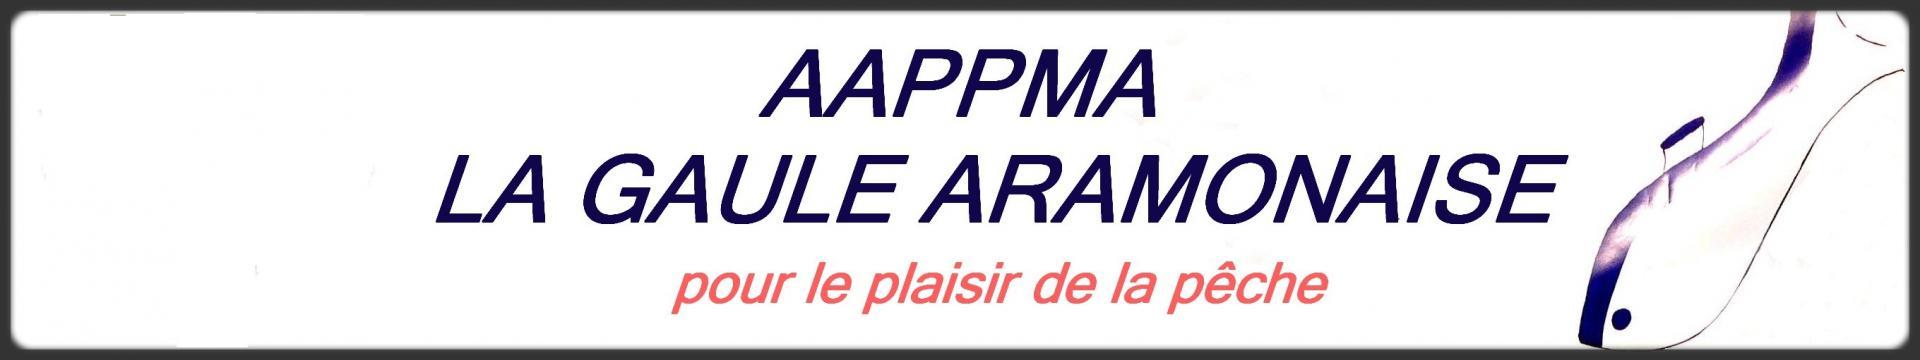 Aappma aramon